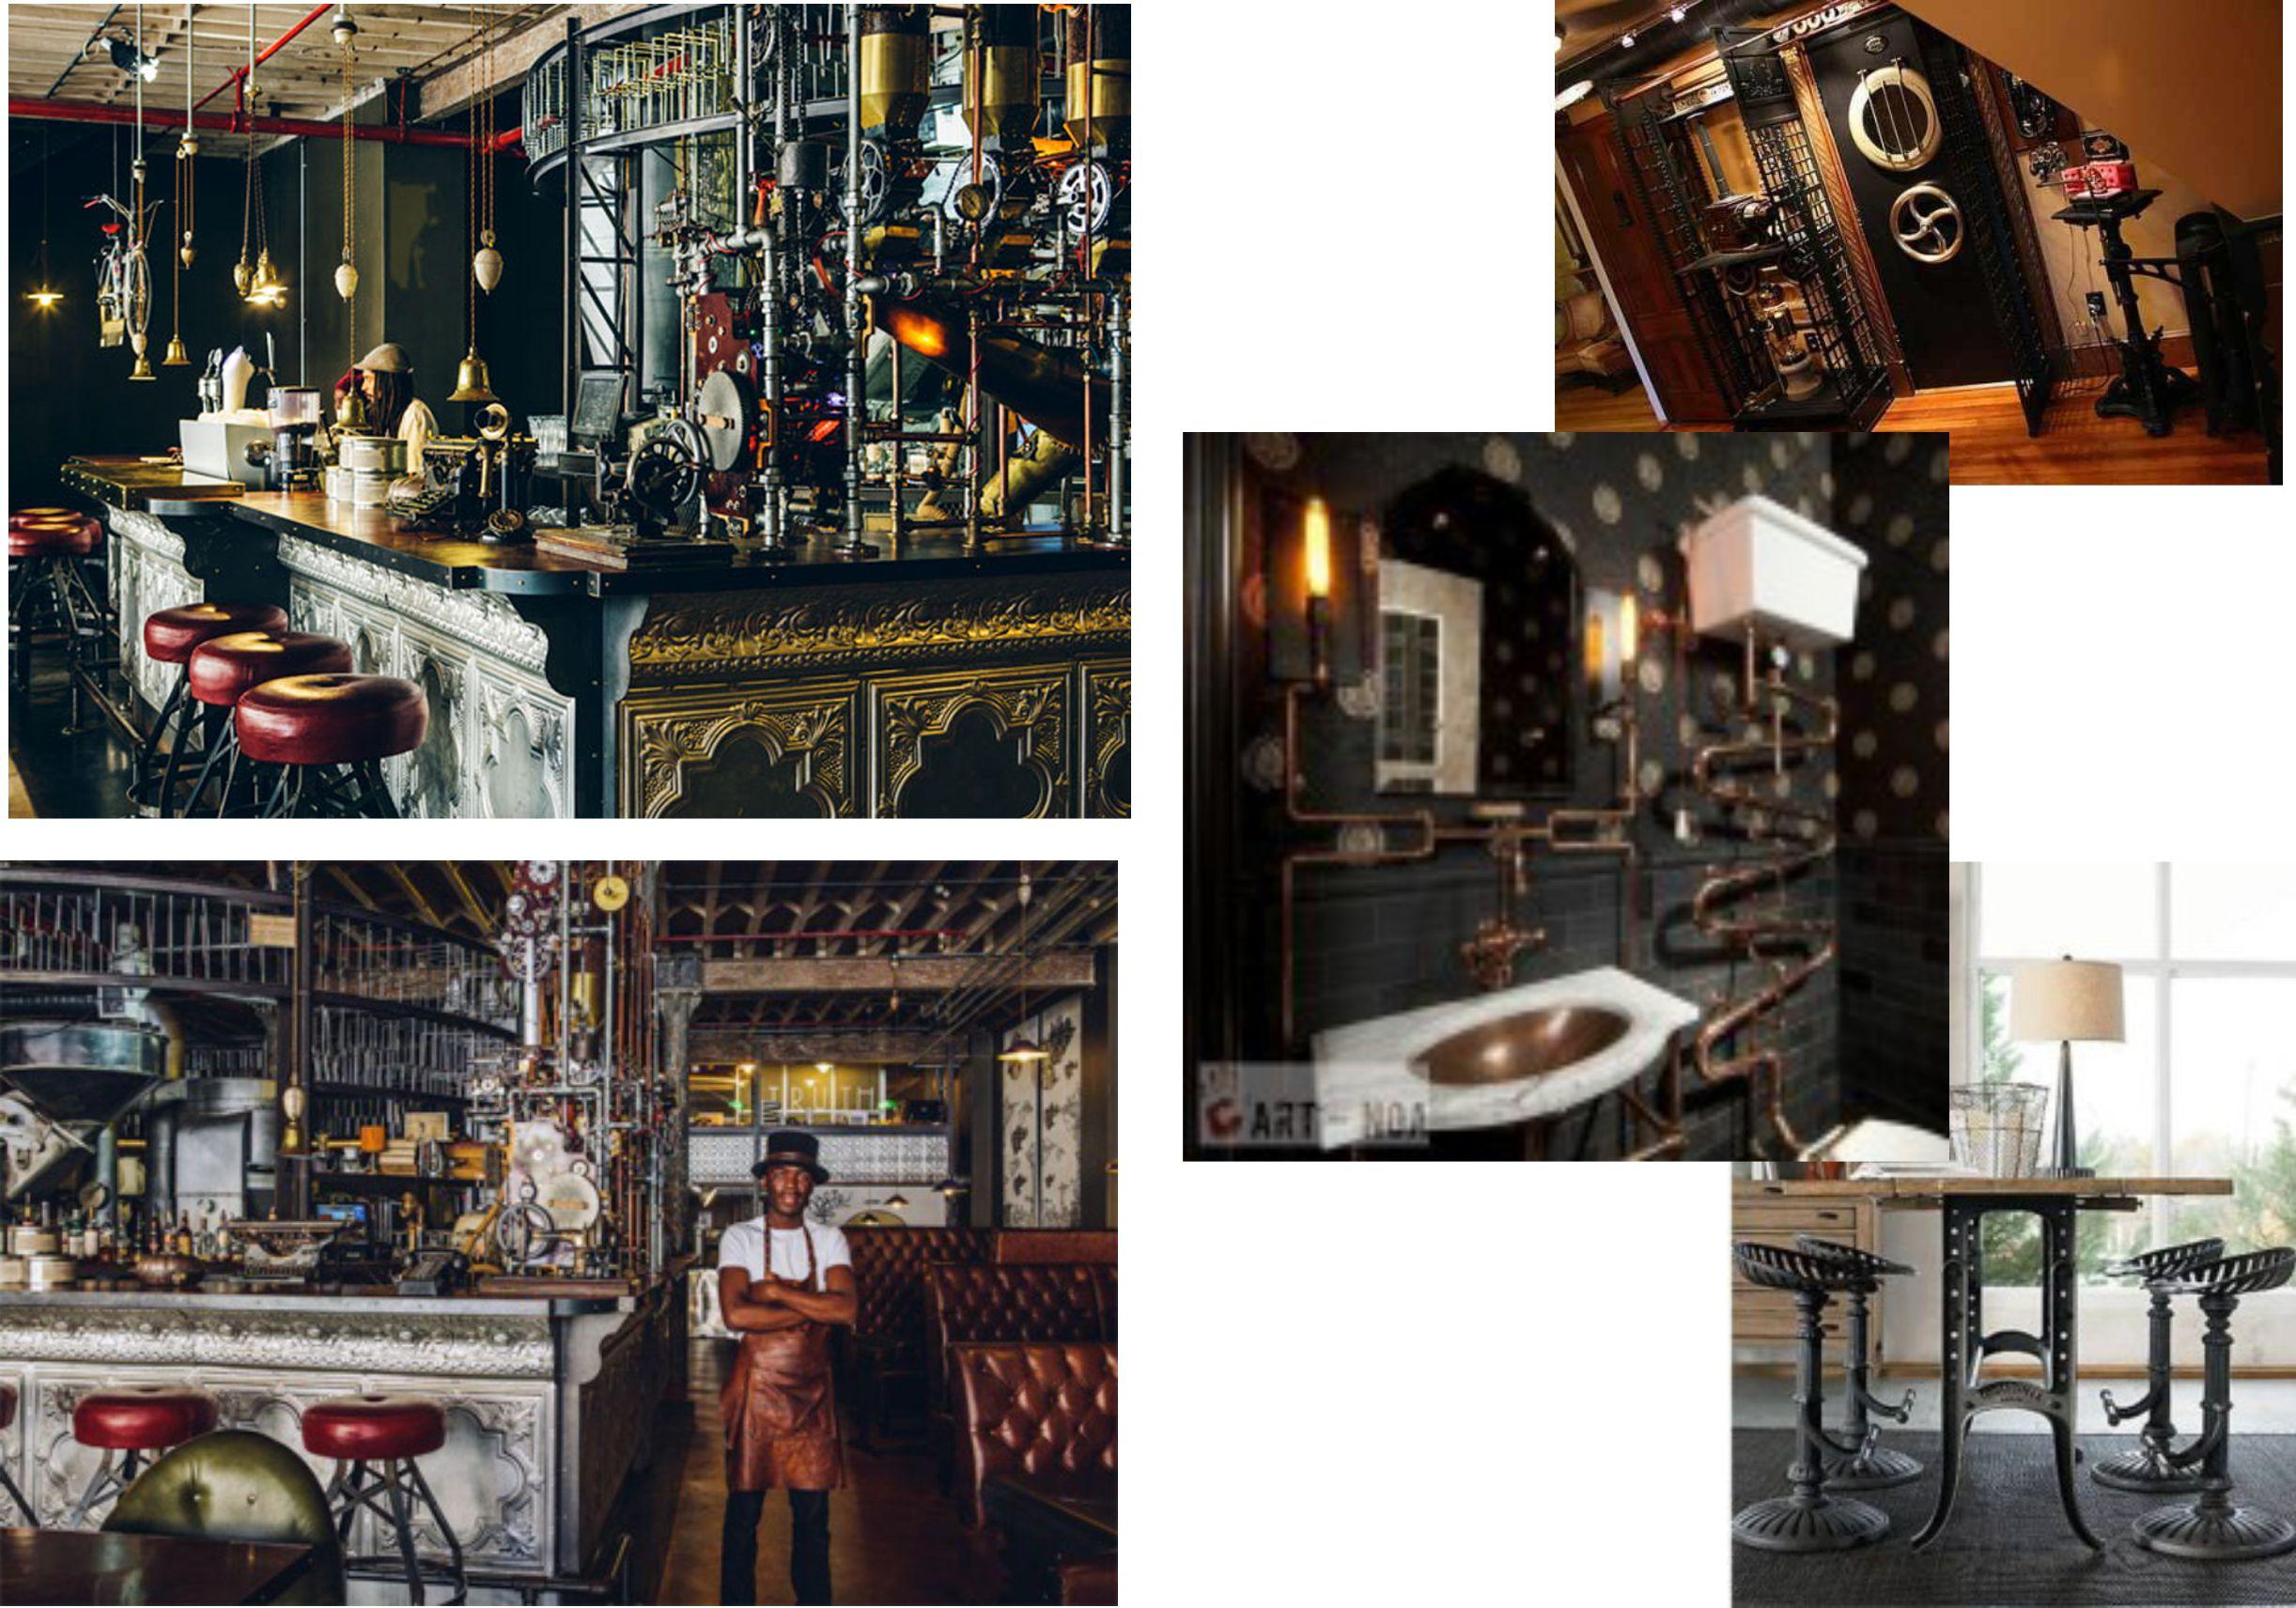 Разработка дизайна помещения под бар фото f_8065946903f86ecf.jpg